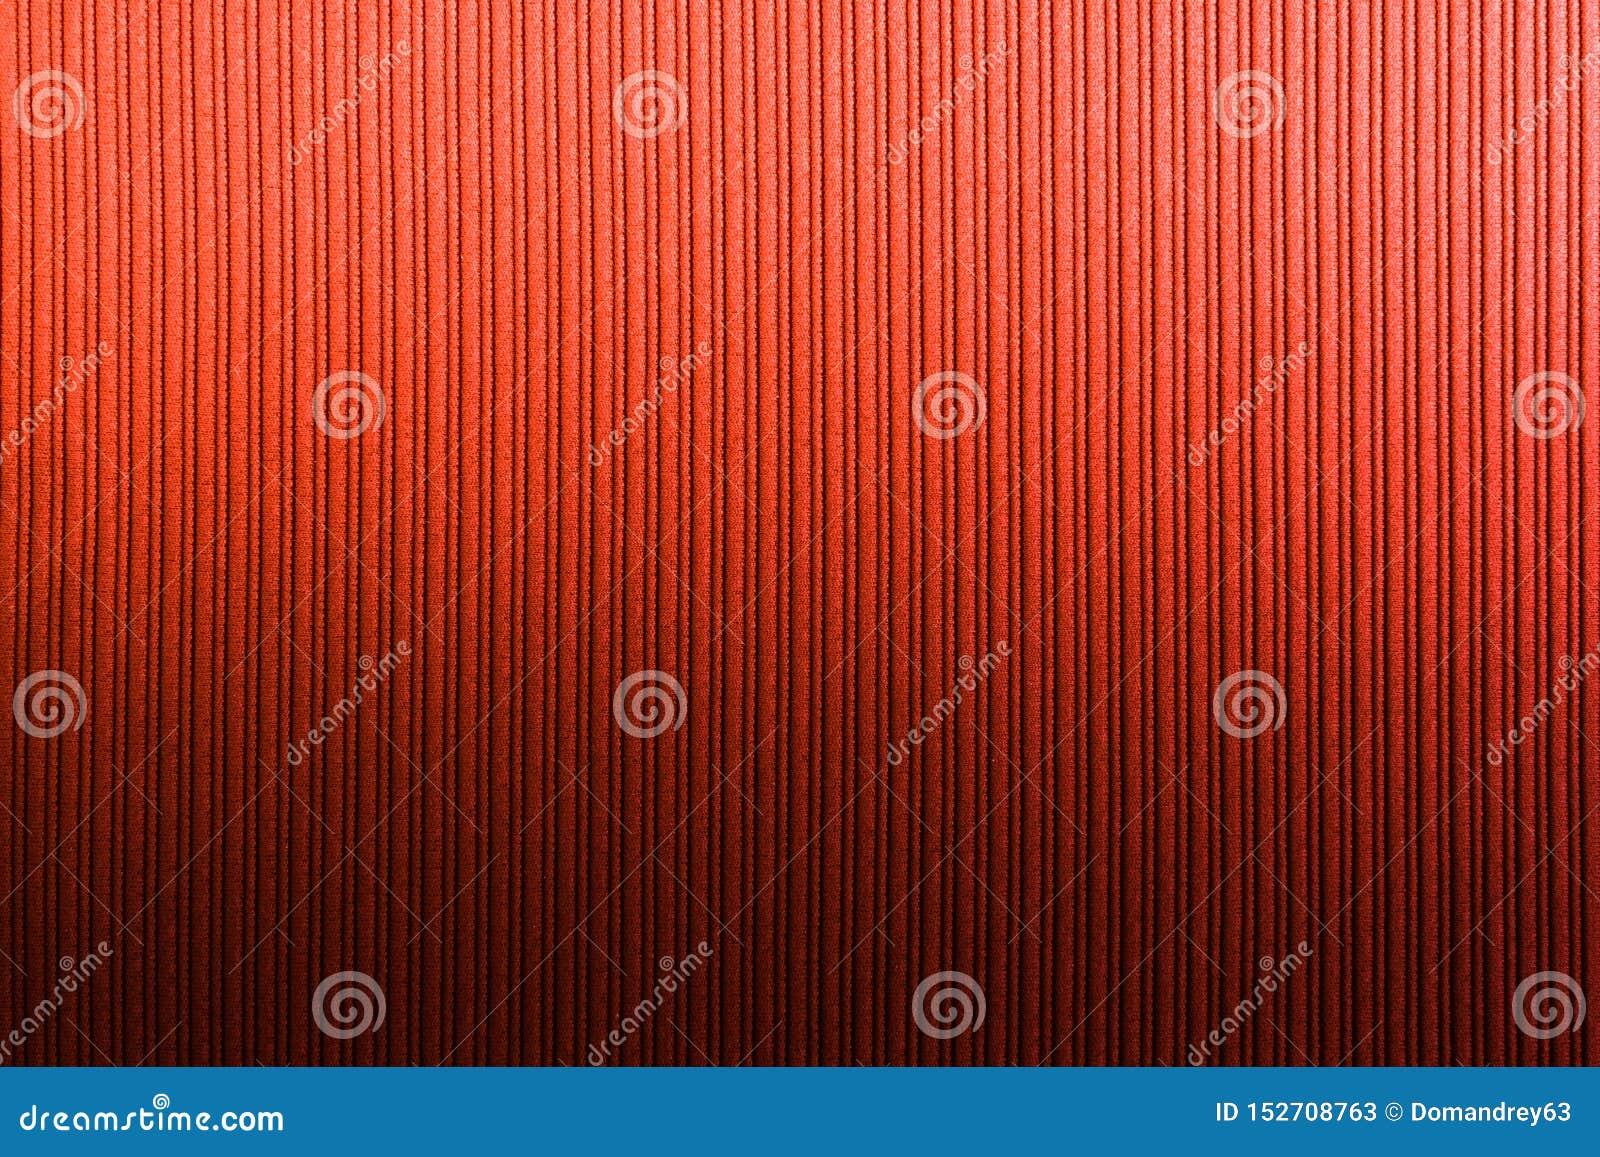 Cor alaranjada vermelha do fundo decorativo, inclina??o vertical da textura listrada wallpaper Arte Projeto